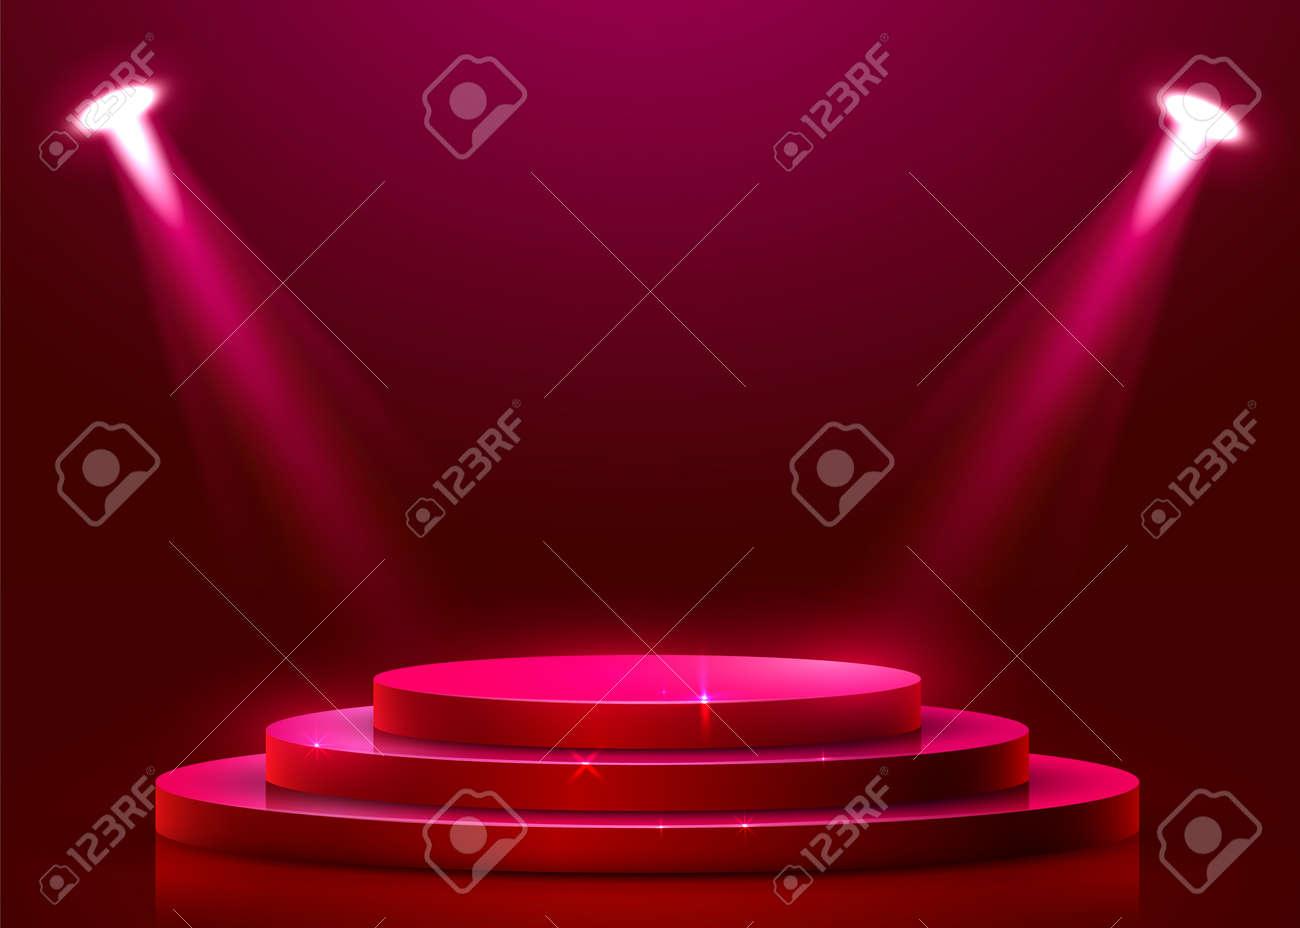 Abstract round podium illuminated with spotlight  Award ceremony